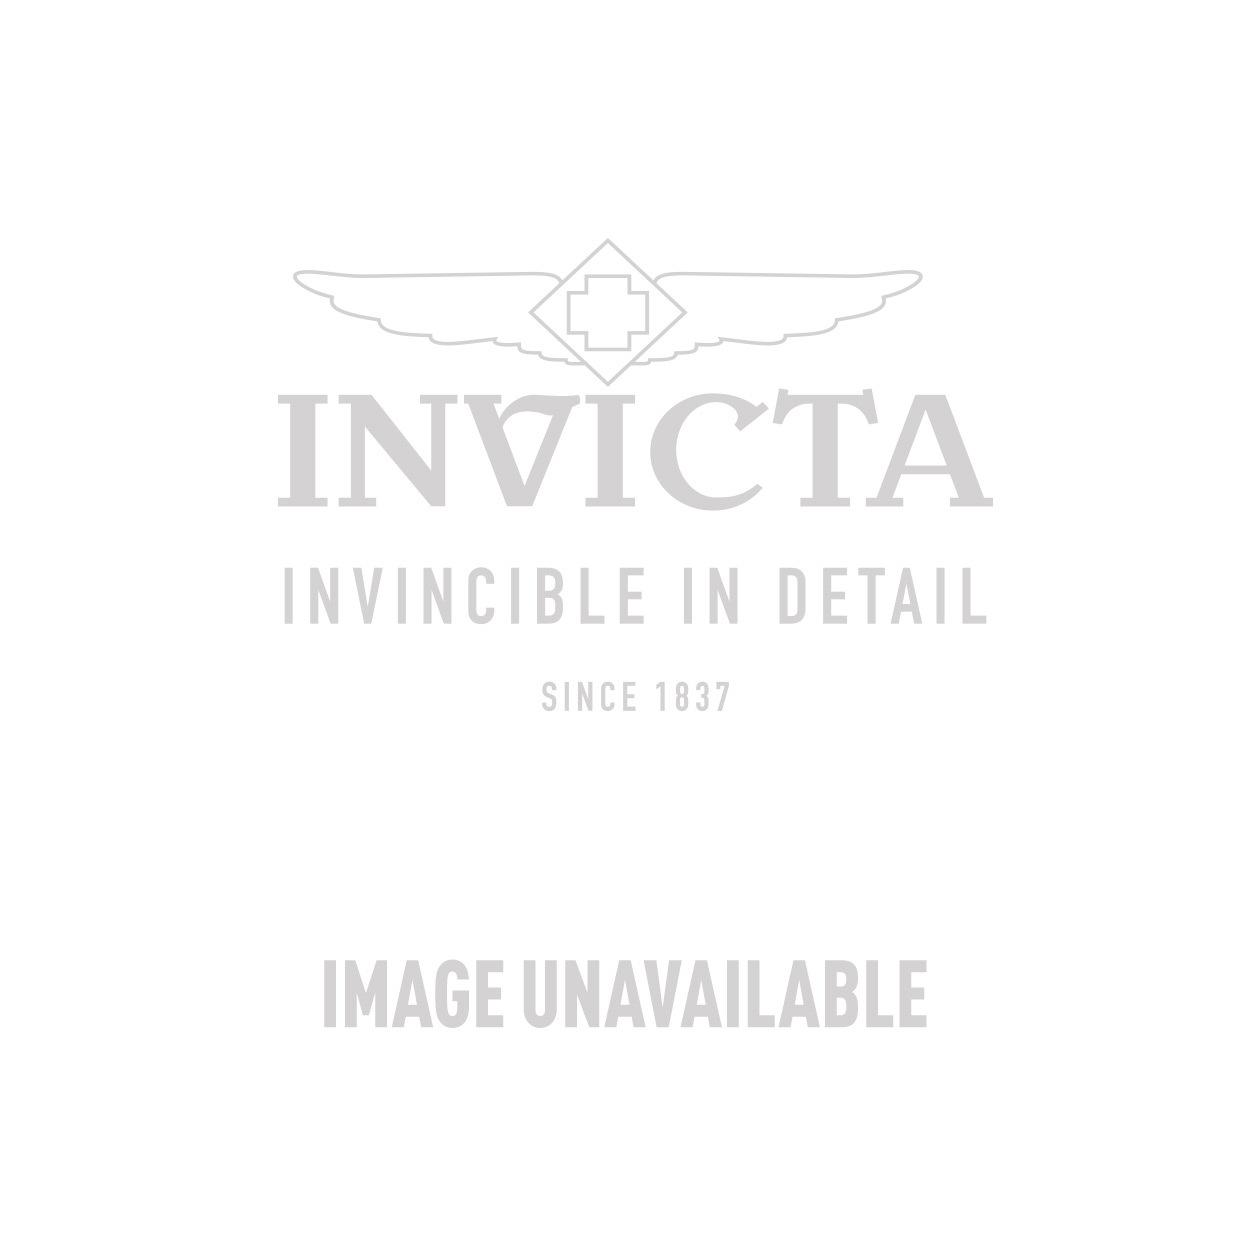 Invicta Model 24040